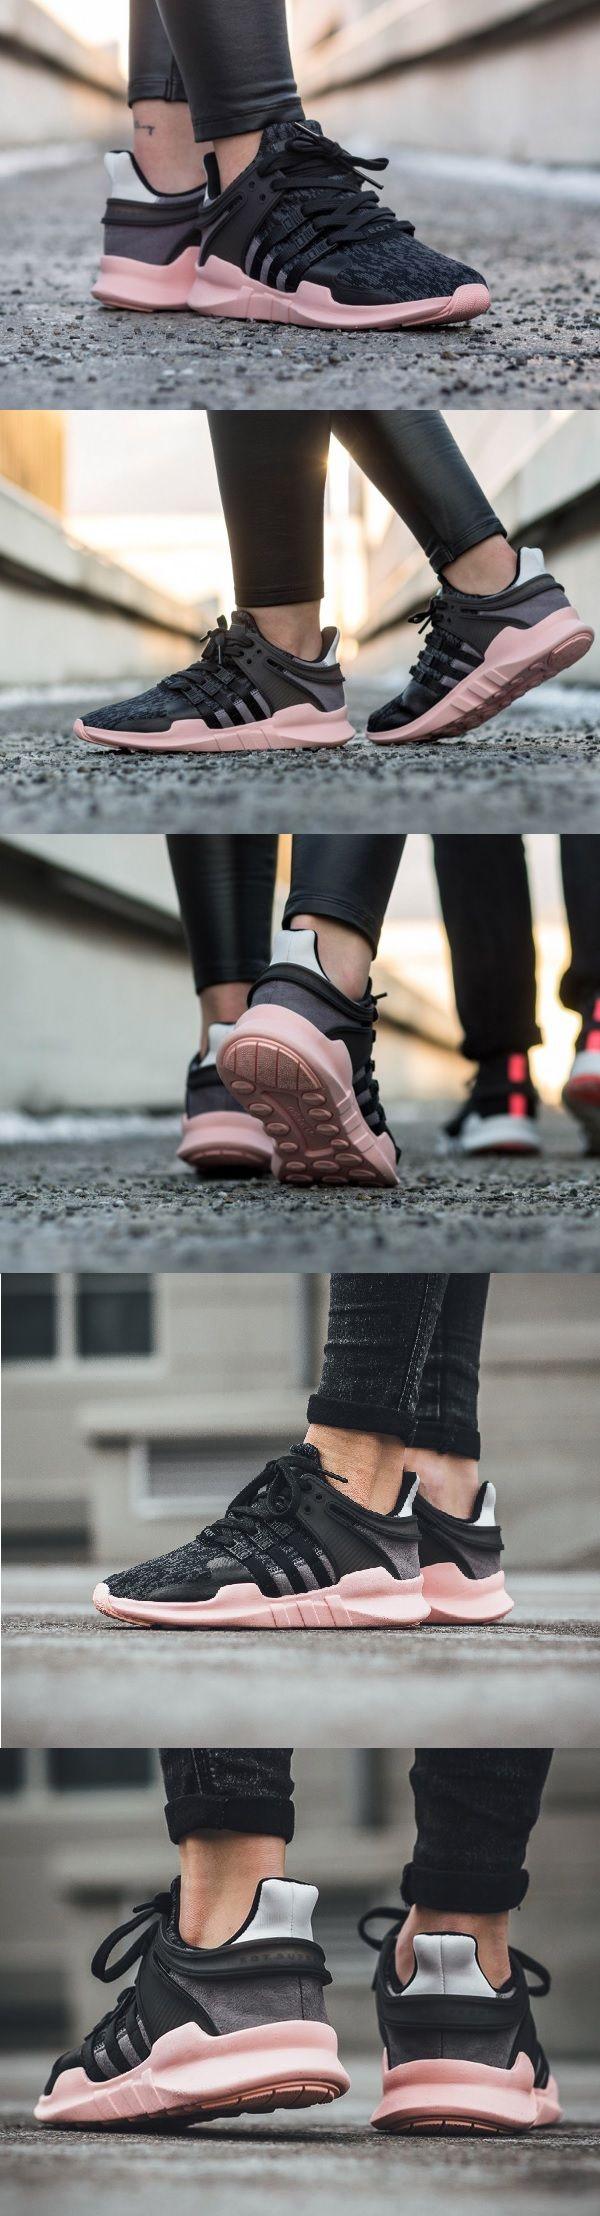 Adidas Eqt Support Adv Moda casual